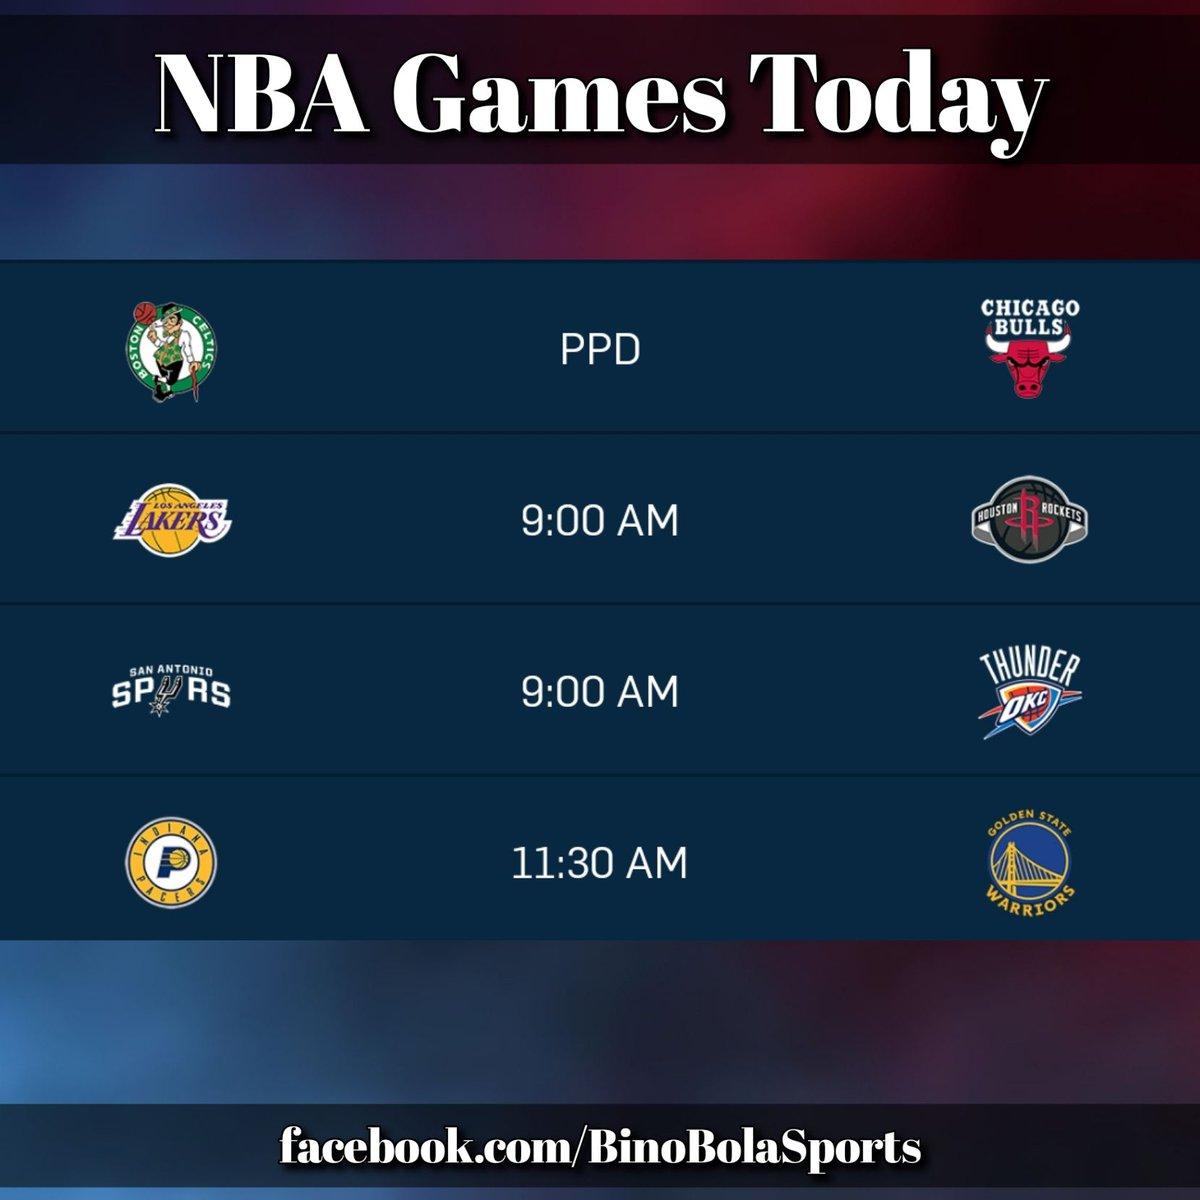 NBA games today! #RegularSeason #Day21 #BinoBolaSports #GamesSchedules (2/2)